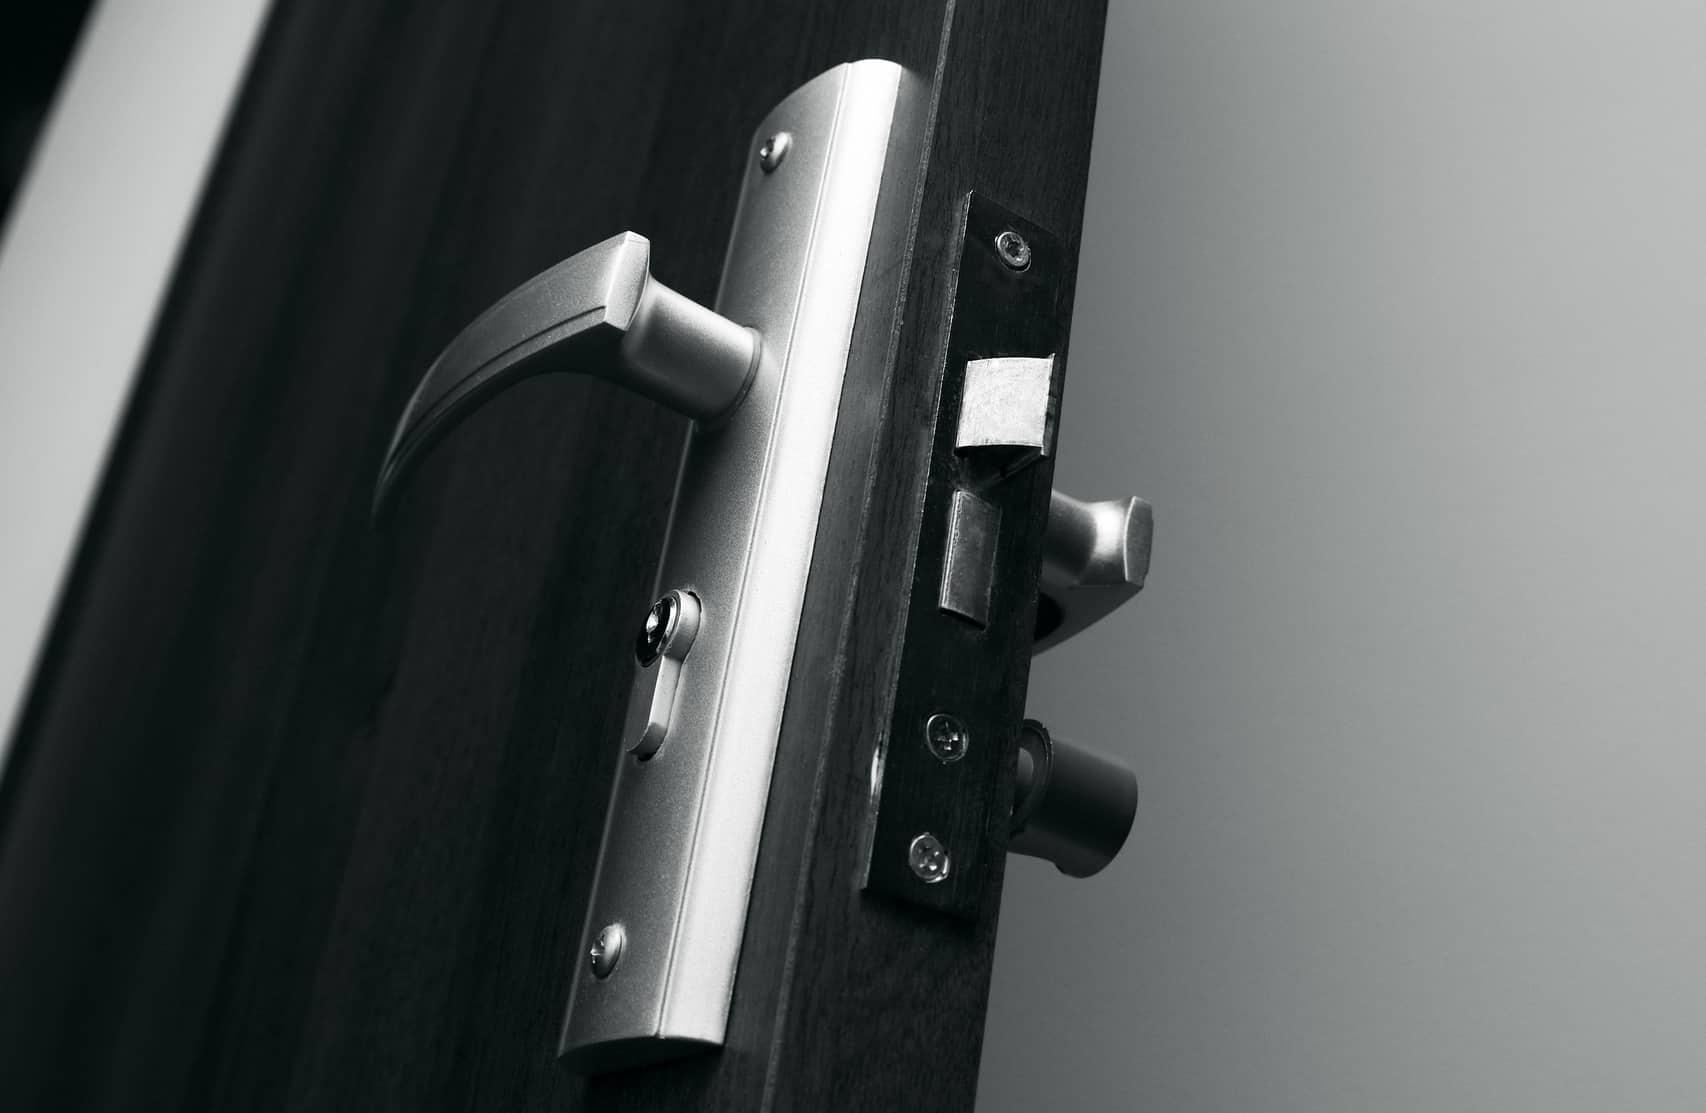 Tür mit automatischer Öffnung